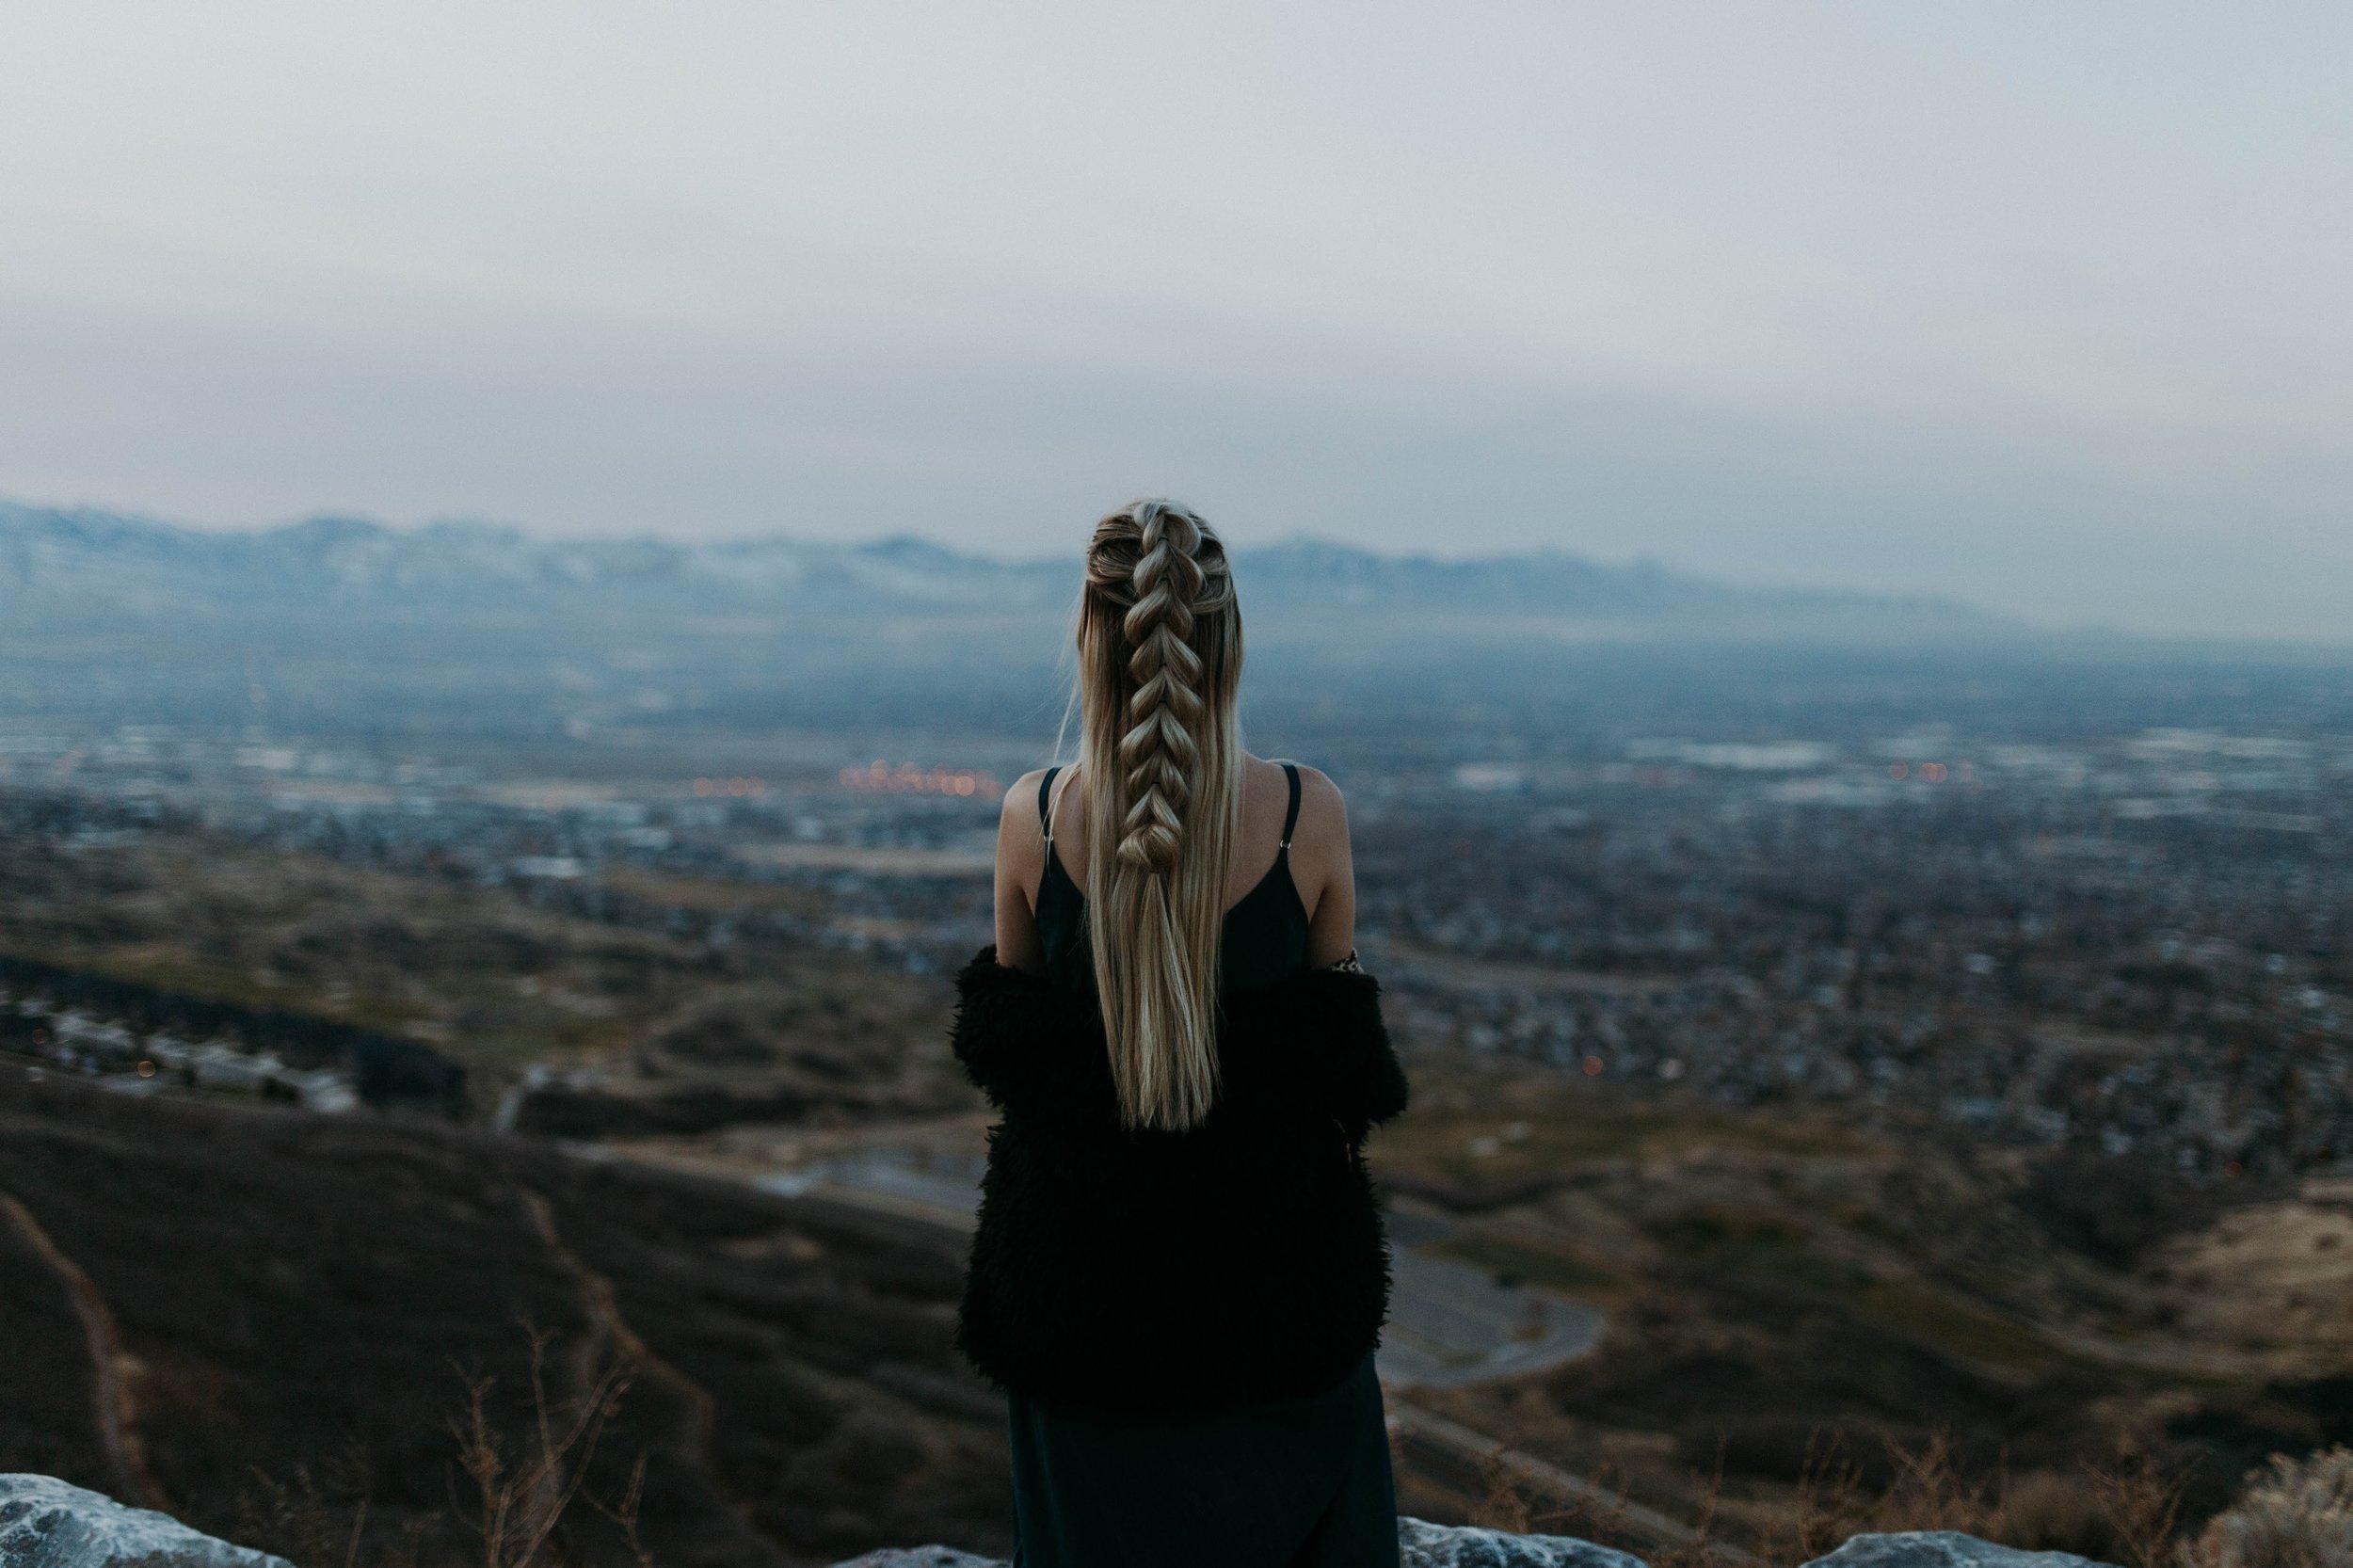 Hair & Makeup Artist - Utah Based, Travel always welcome